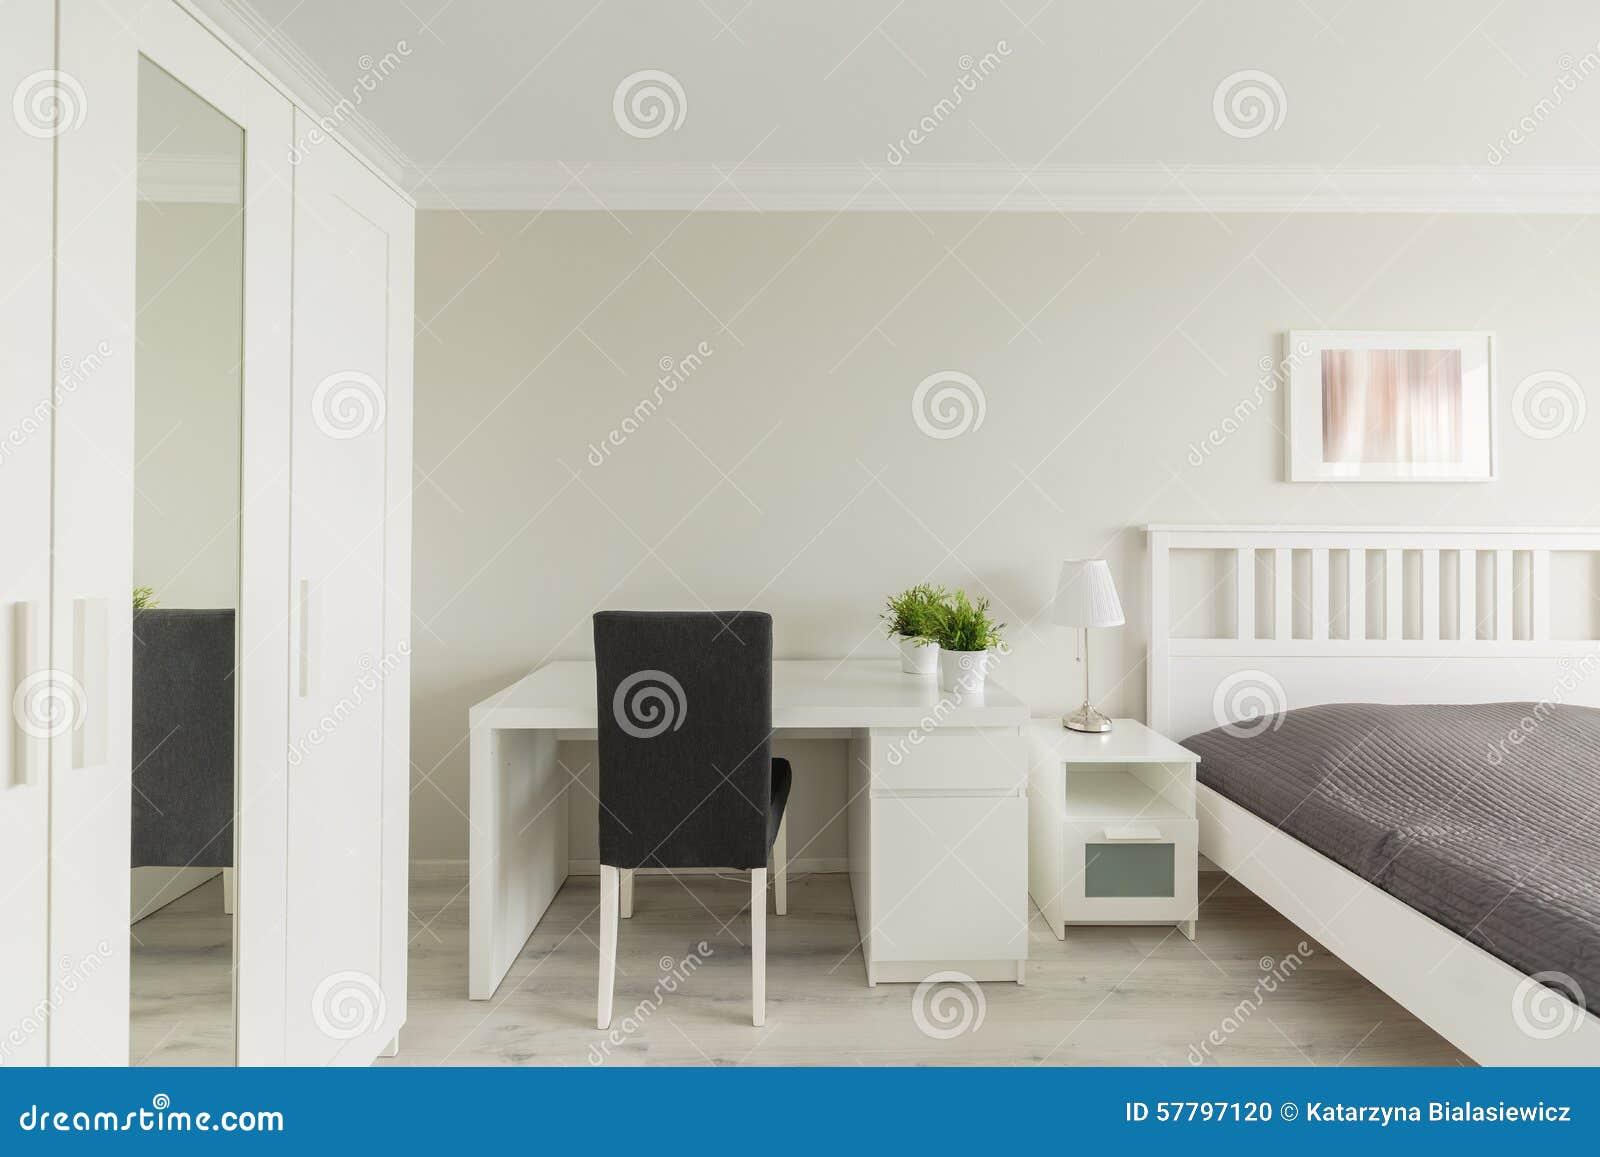 Bedroom with study area stock photo image 57797120 for Camera da letto e studio